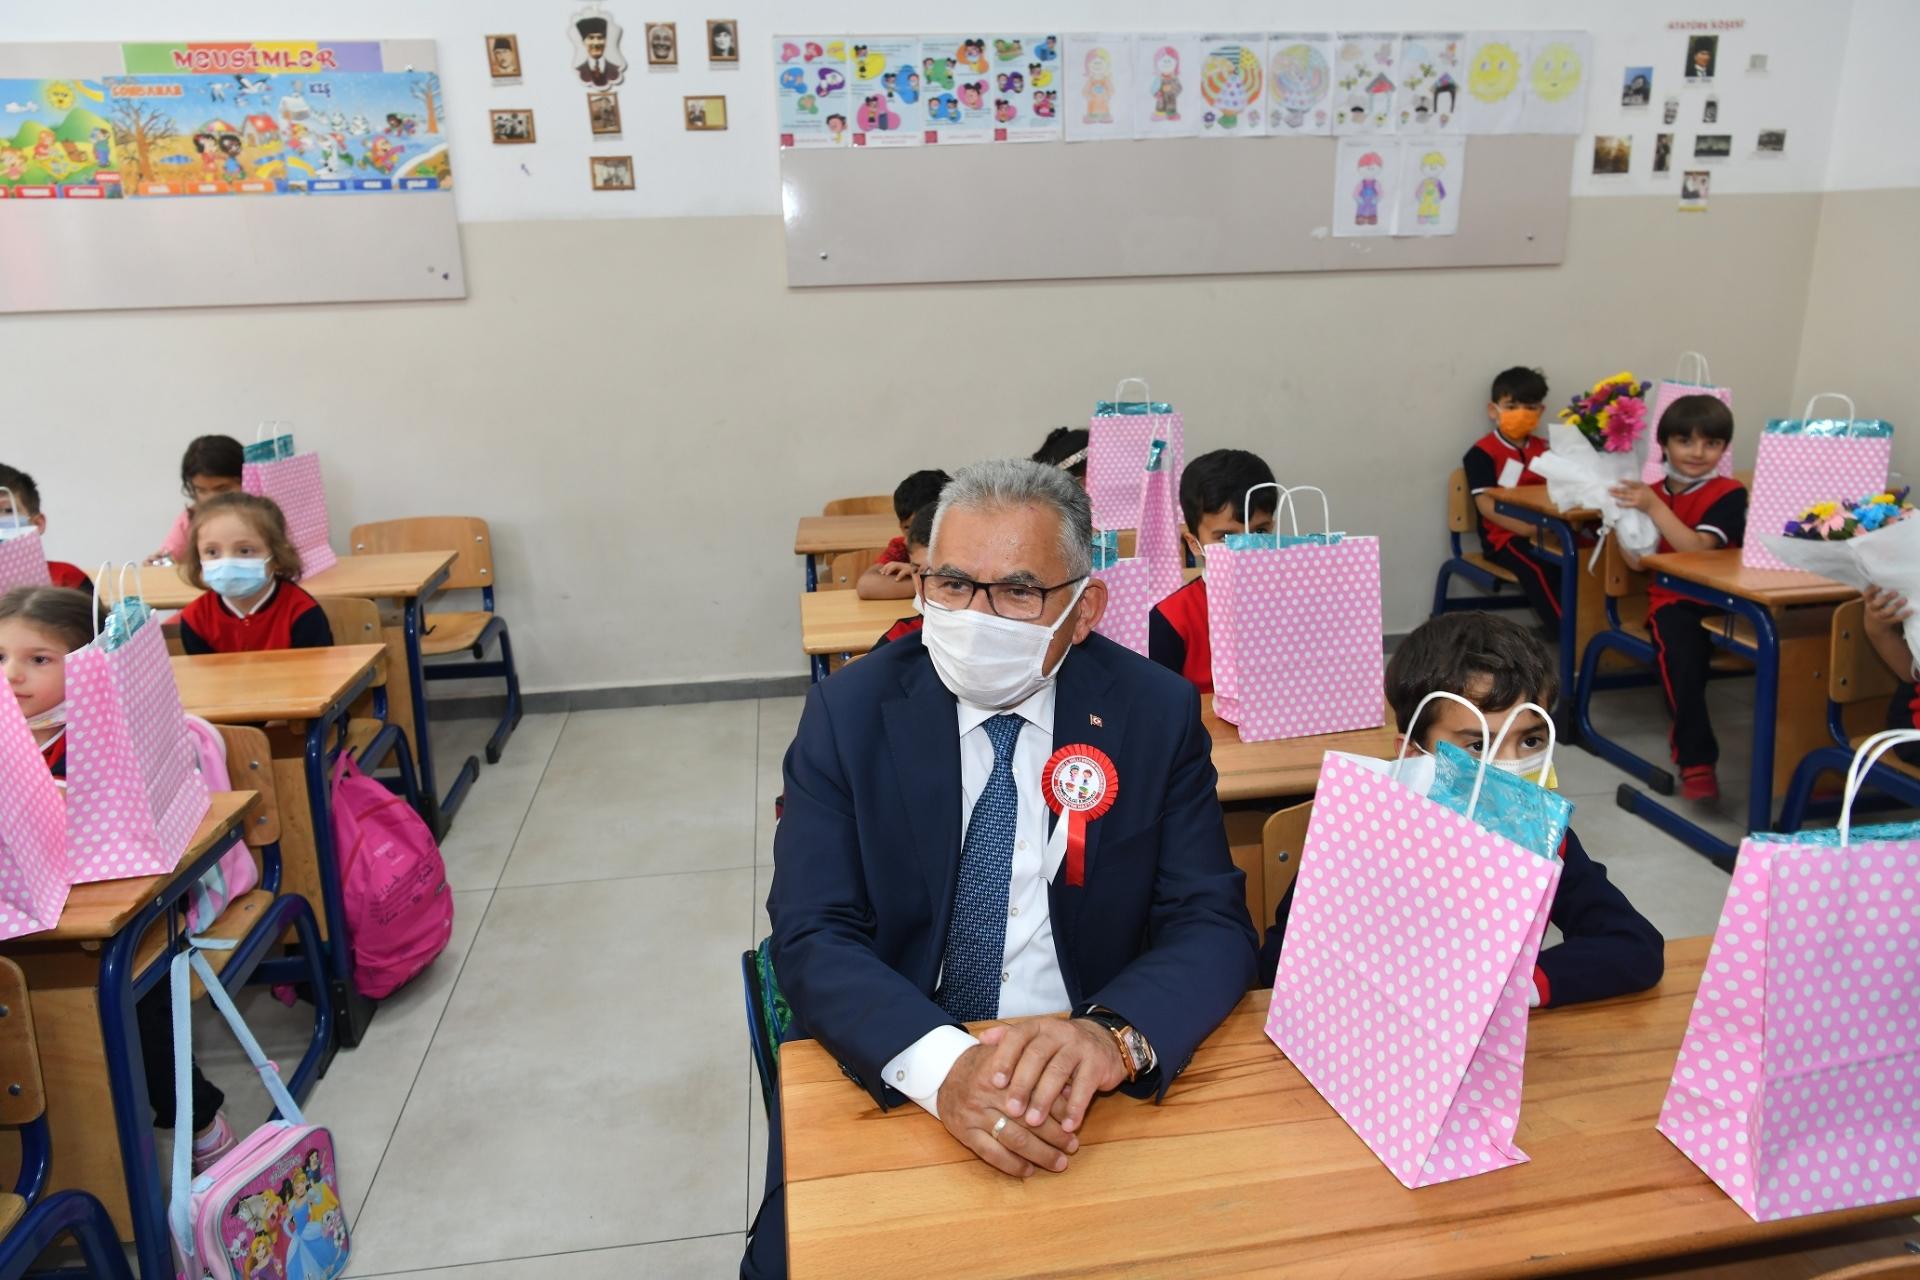 Büyükkılıç, Eğitim-Öğretim Açılışı ve Ahilik Kutlamalarına Katıldı